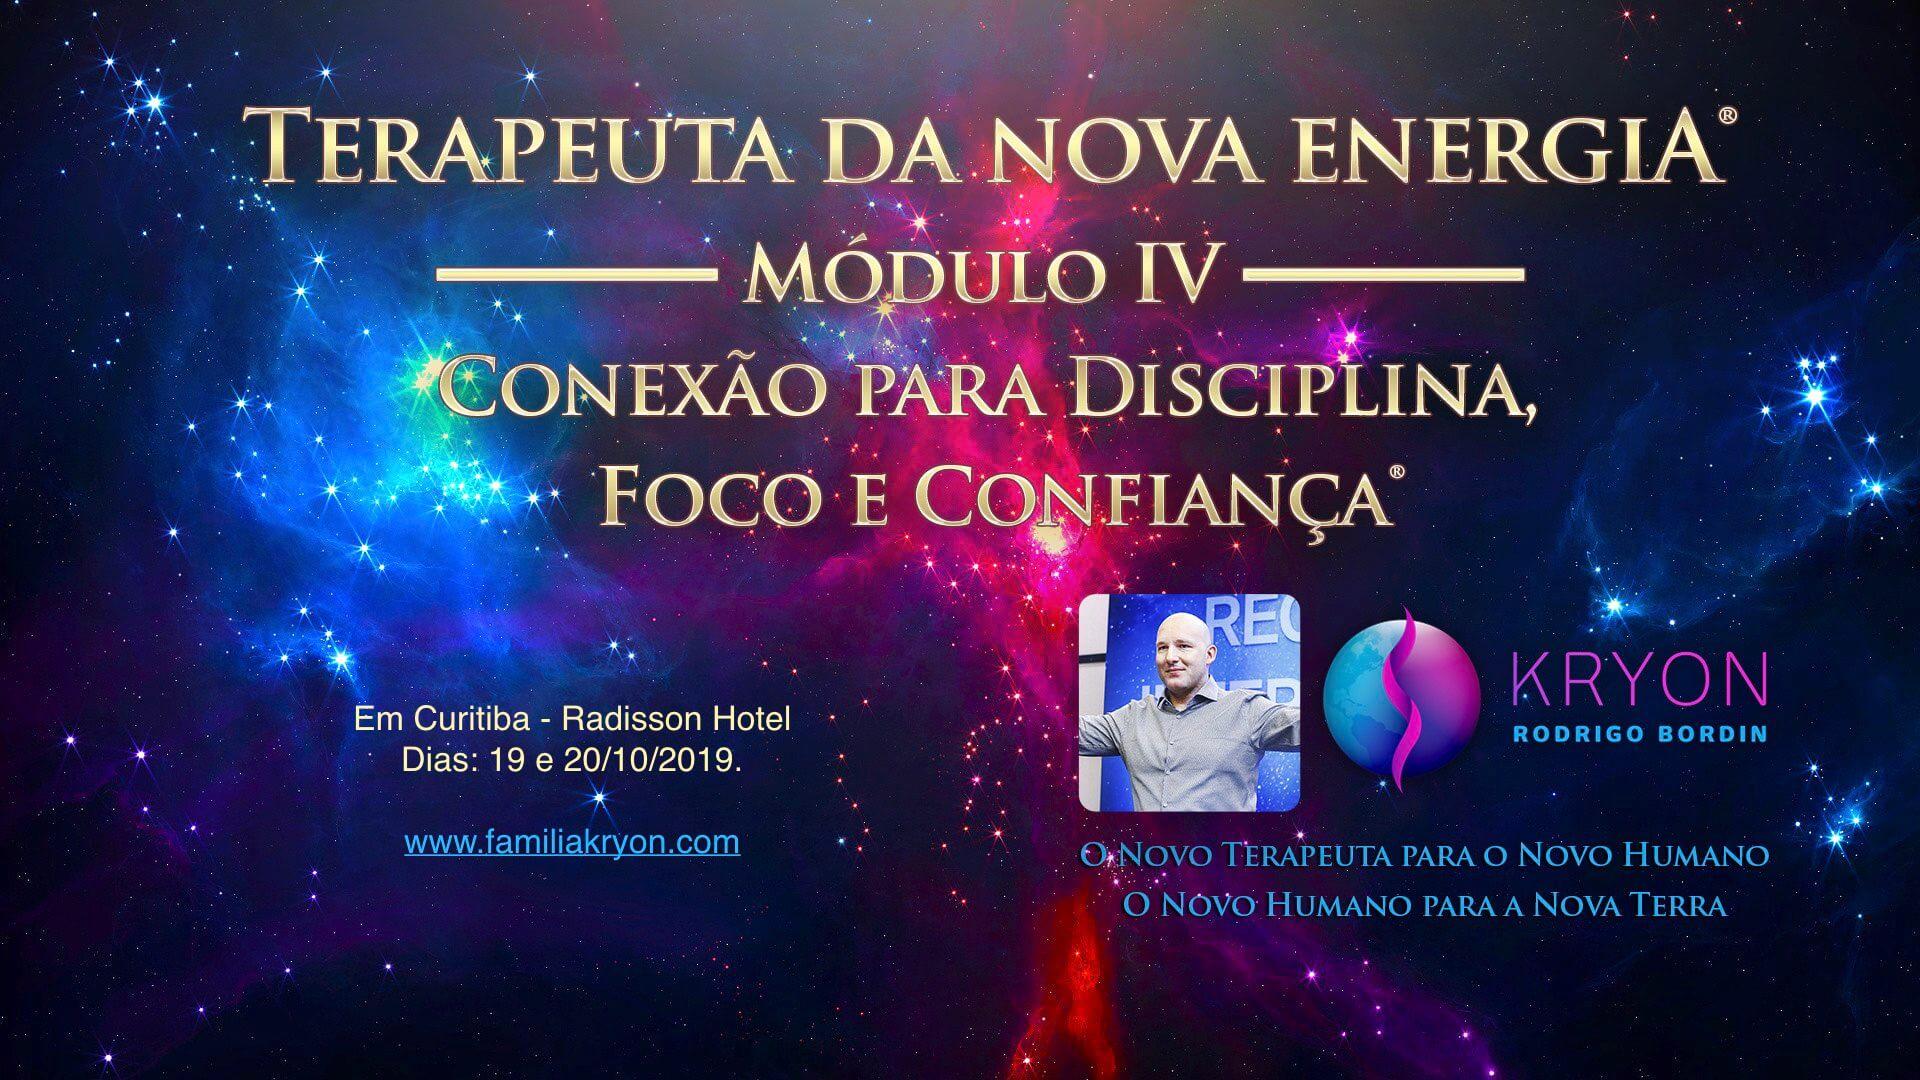 Terapeuta da Nova Energia® - Módulo IV - Conexão para Disciplina, Foco e Confiança®